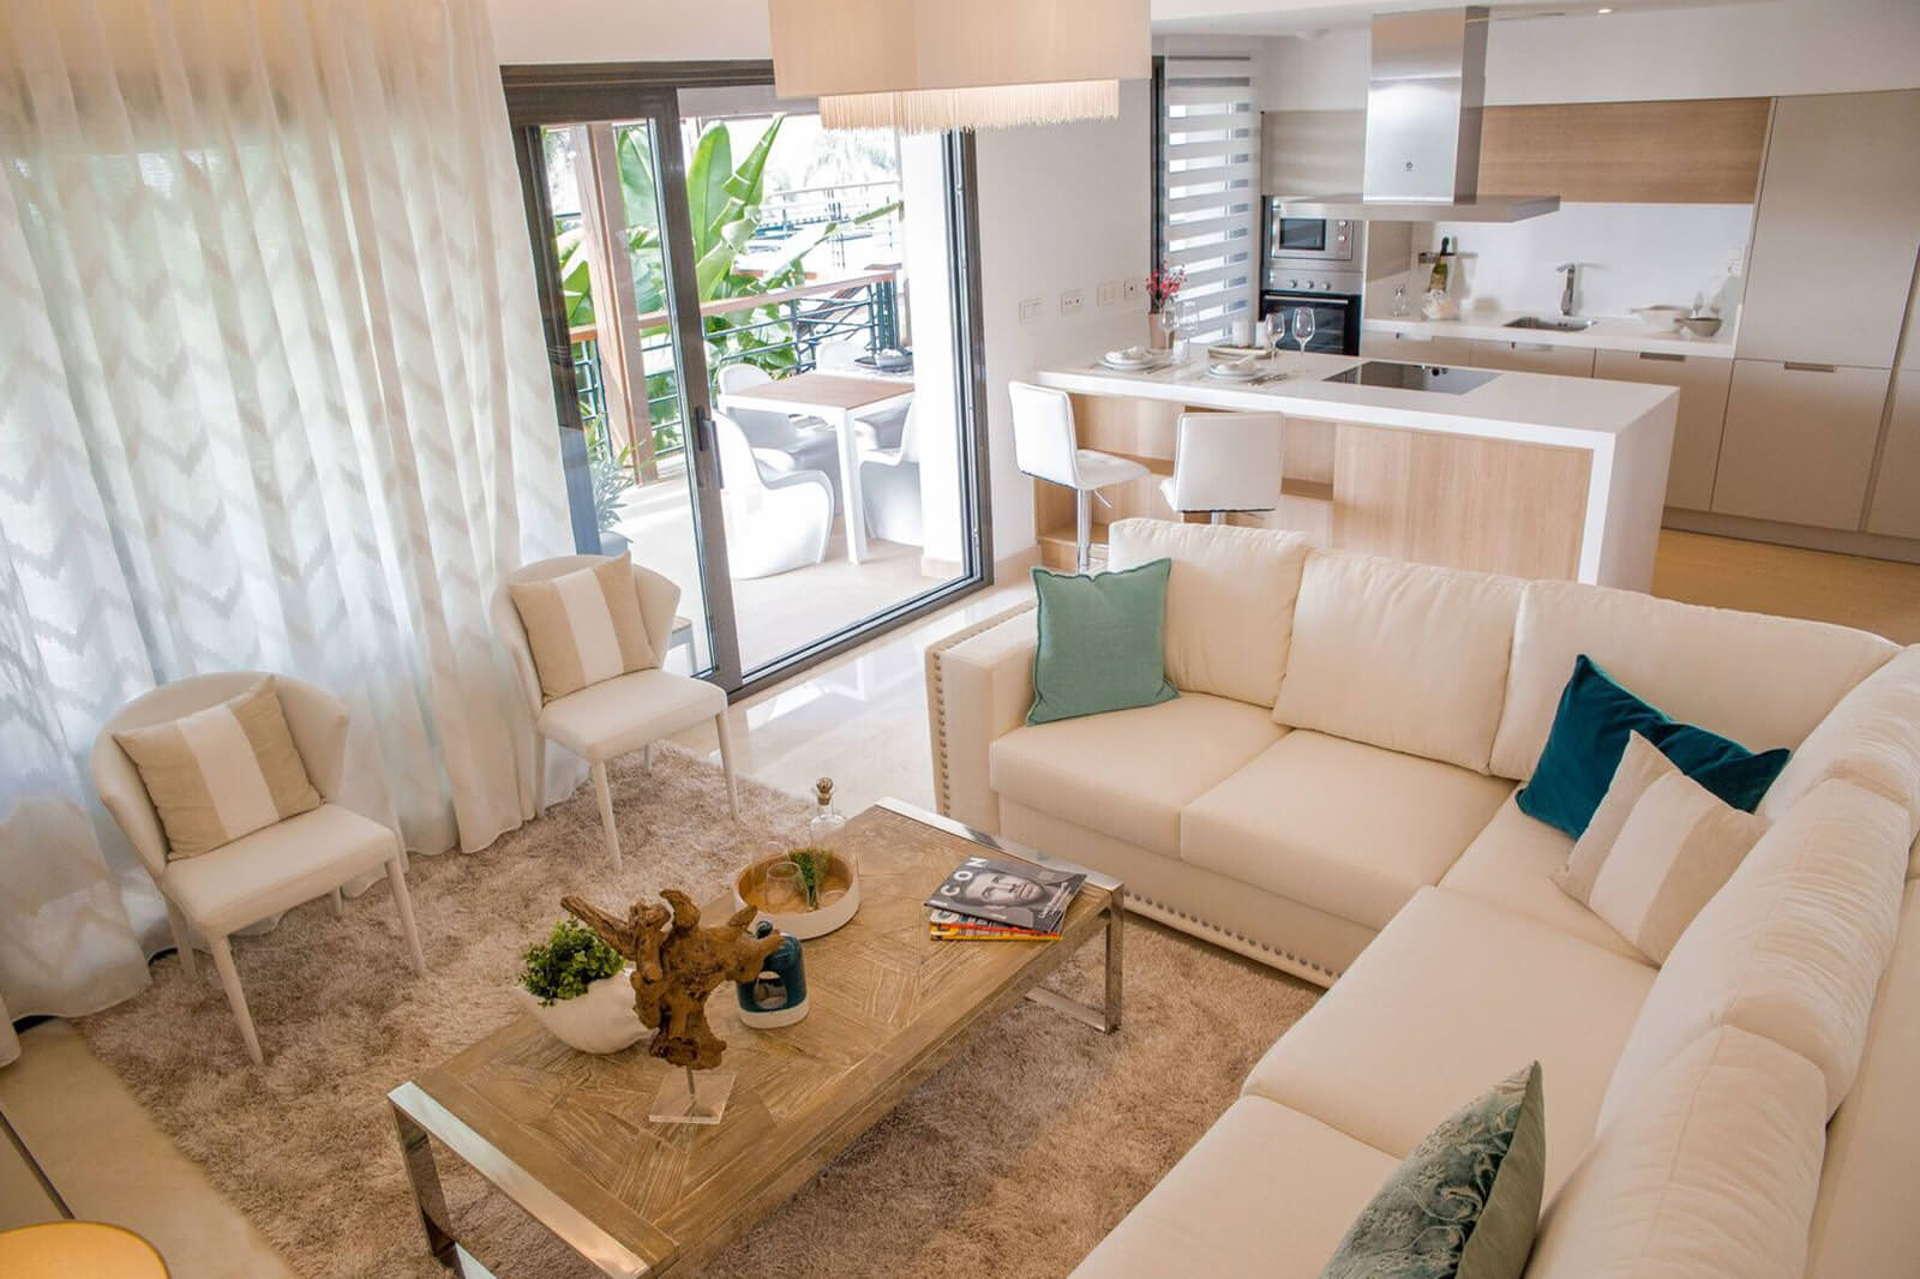 شقة بنتهاوس في بوتانيك لوس اكويروس بيناهافيس بإطلالات على البحر